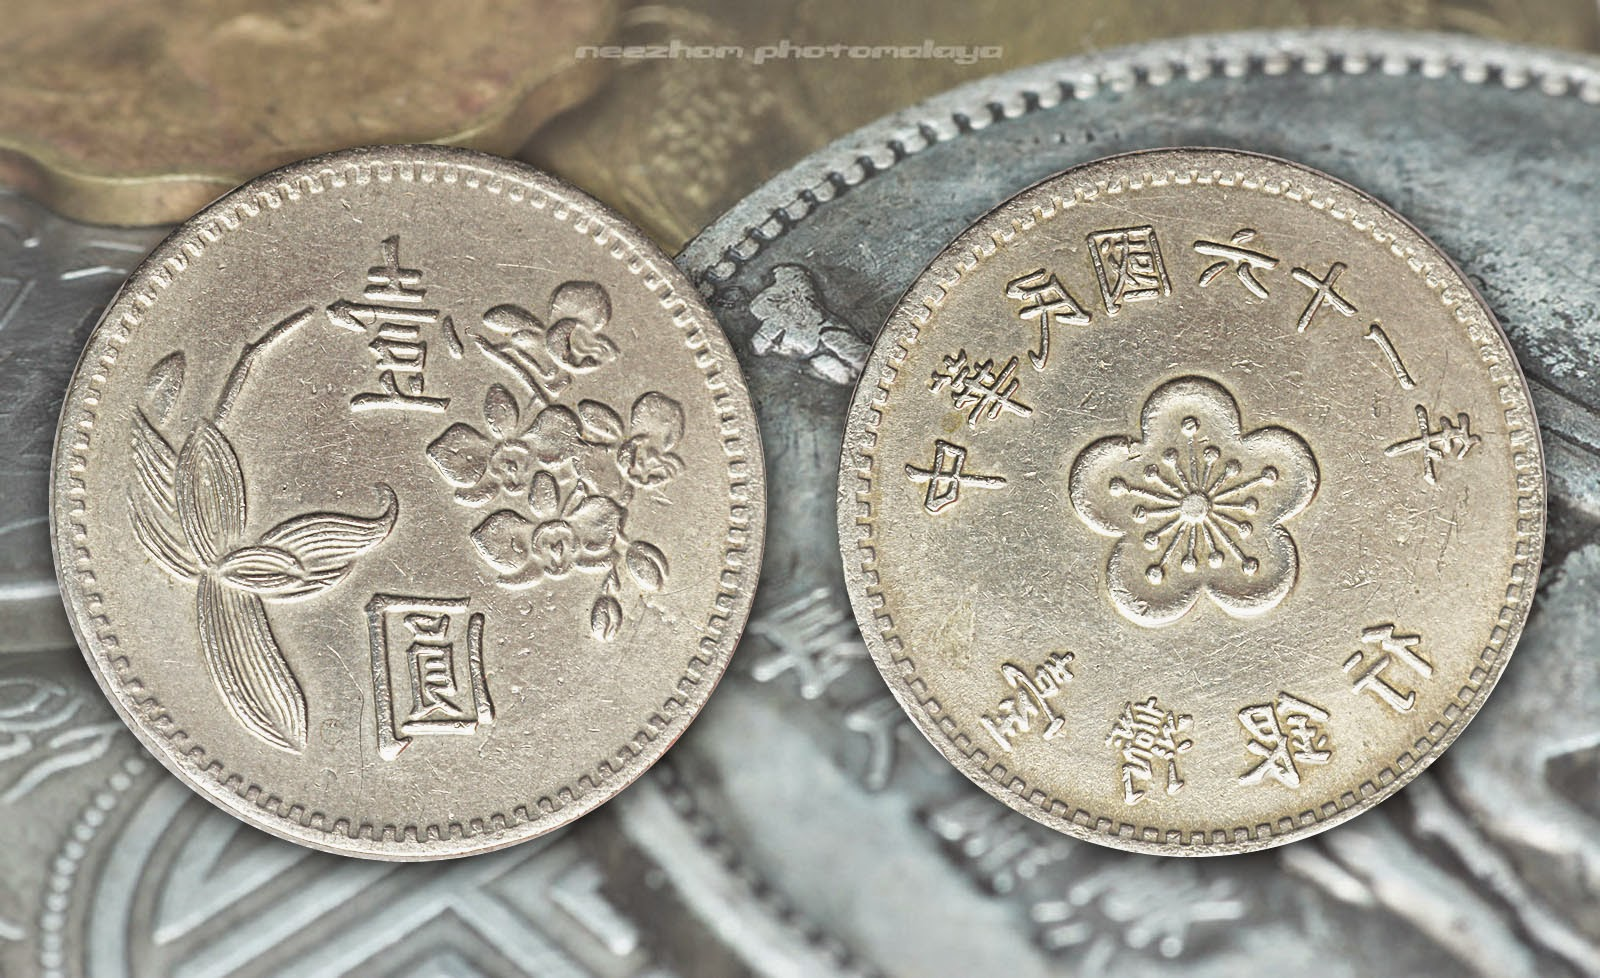 China And Hong Kong Coins Collection Neezhom Photomalaya